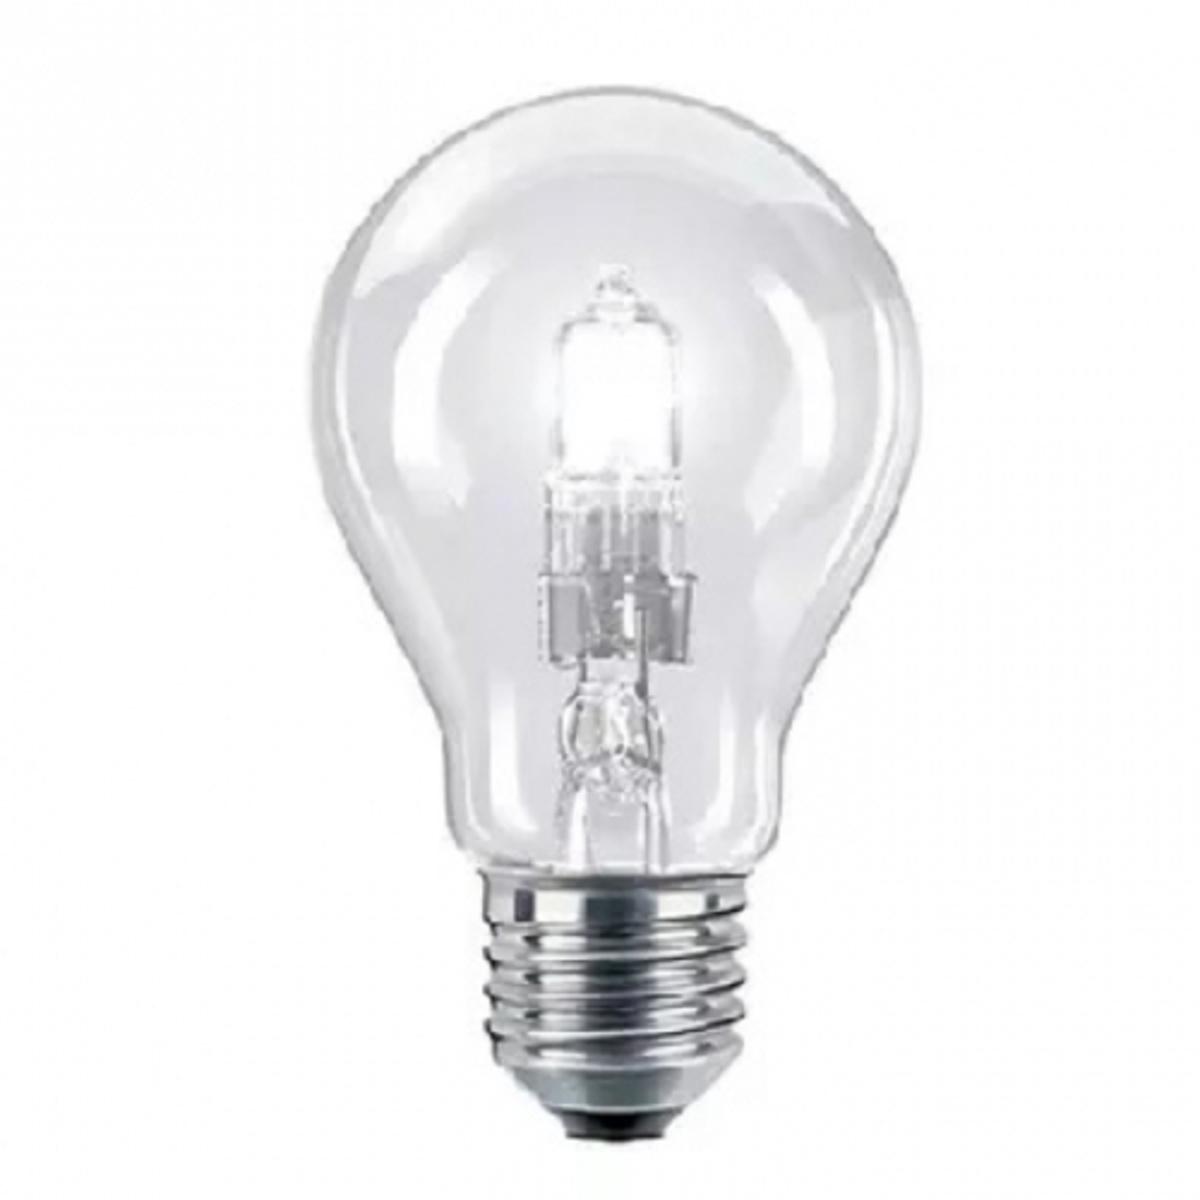 Eletriza - Eletriza Materiais Elétricos, Hidráulicos e Automação Industrial - LÂMPADA HALÓGENA CLARA H150 120W 2800K 220V OUROLUX